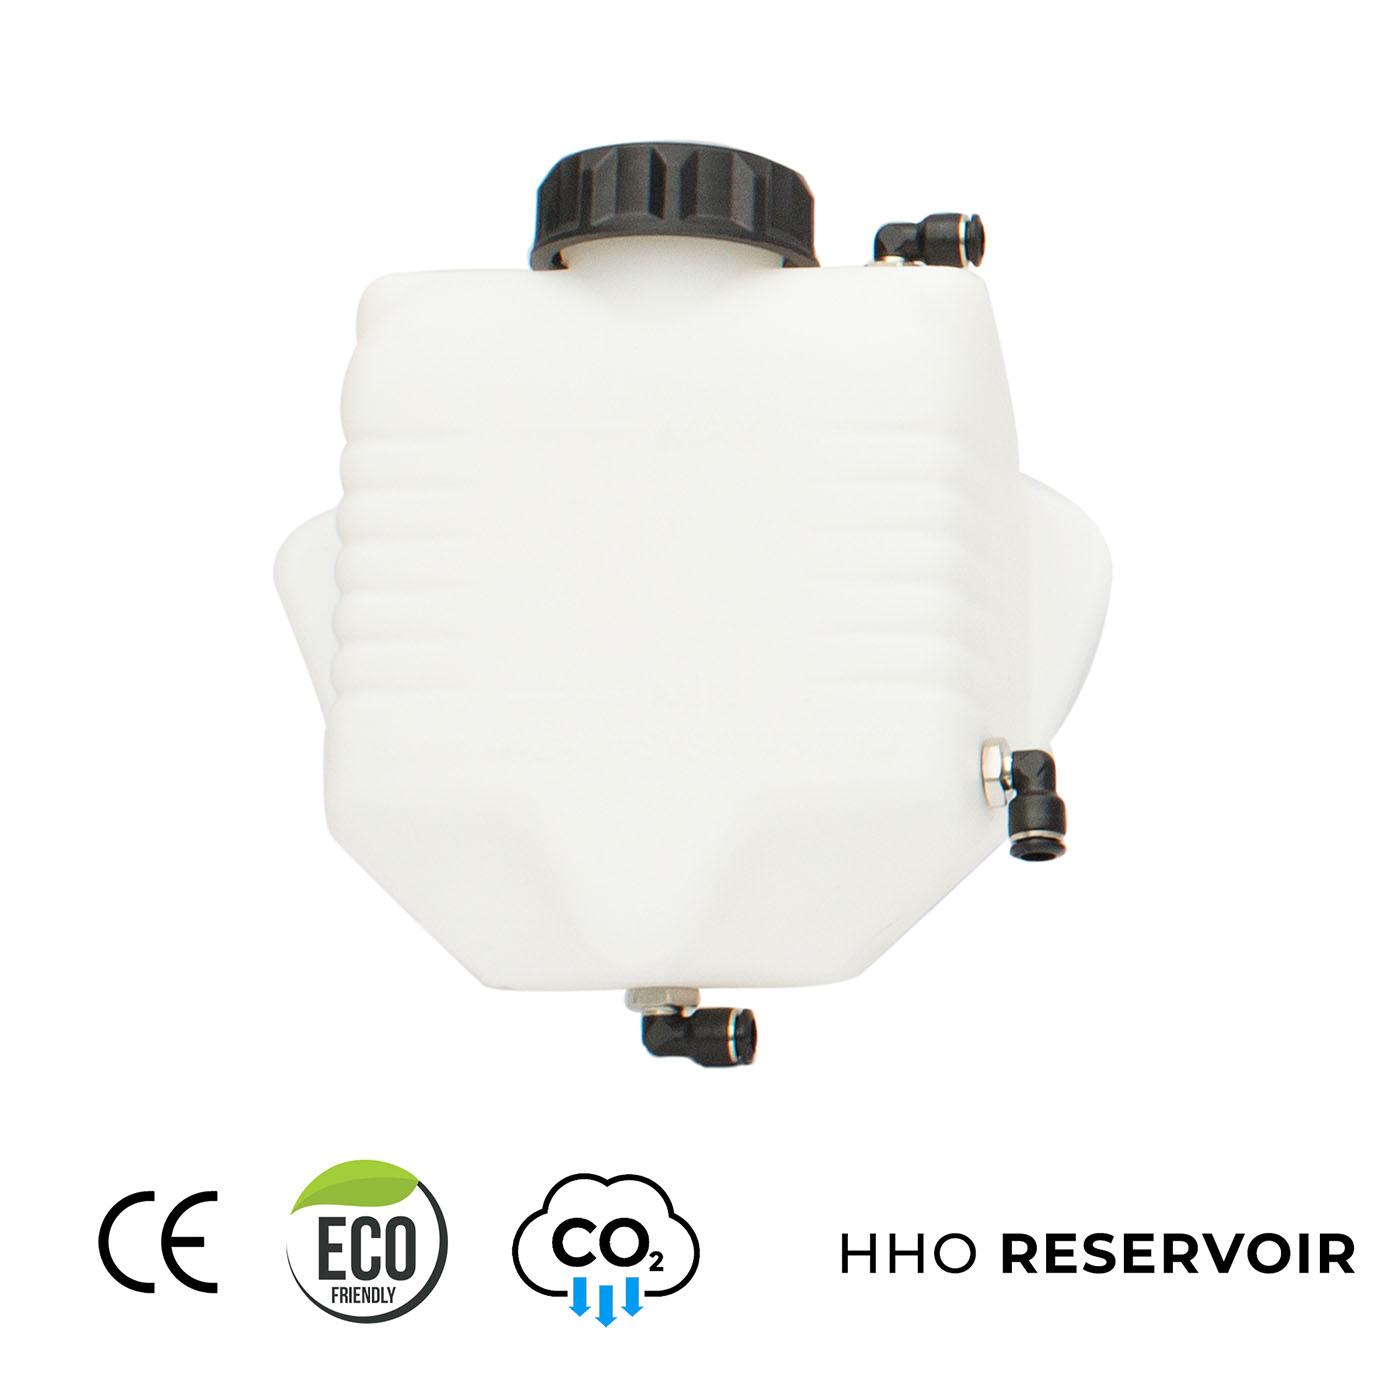 hho reservoir